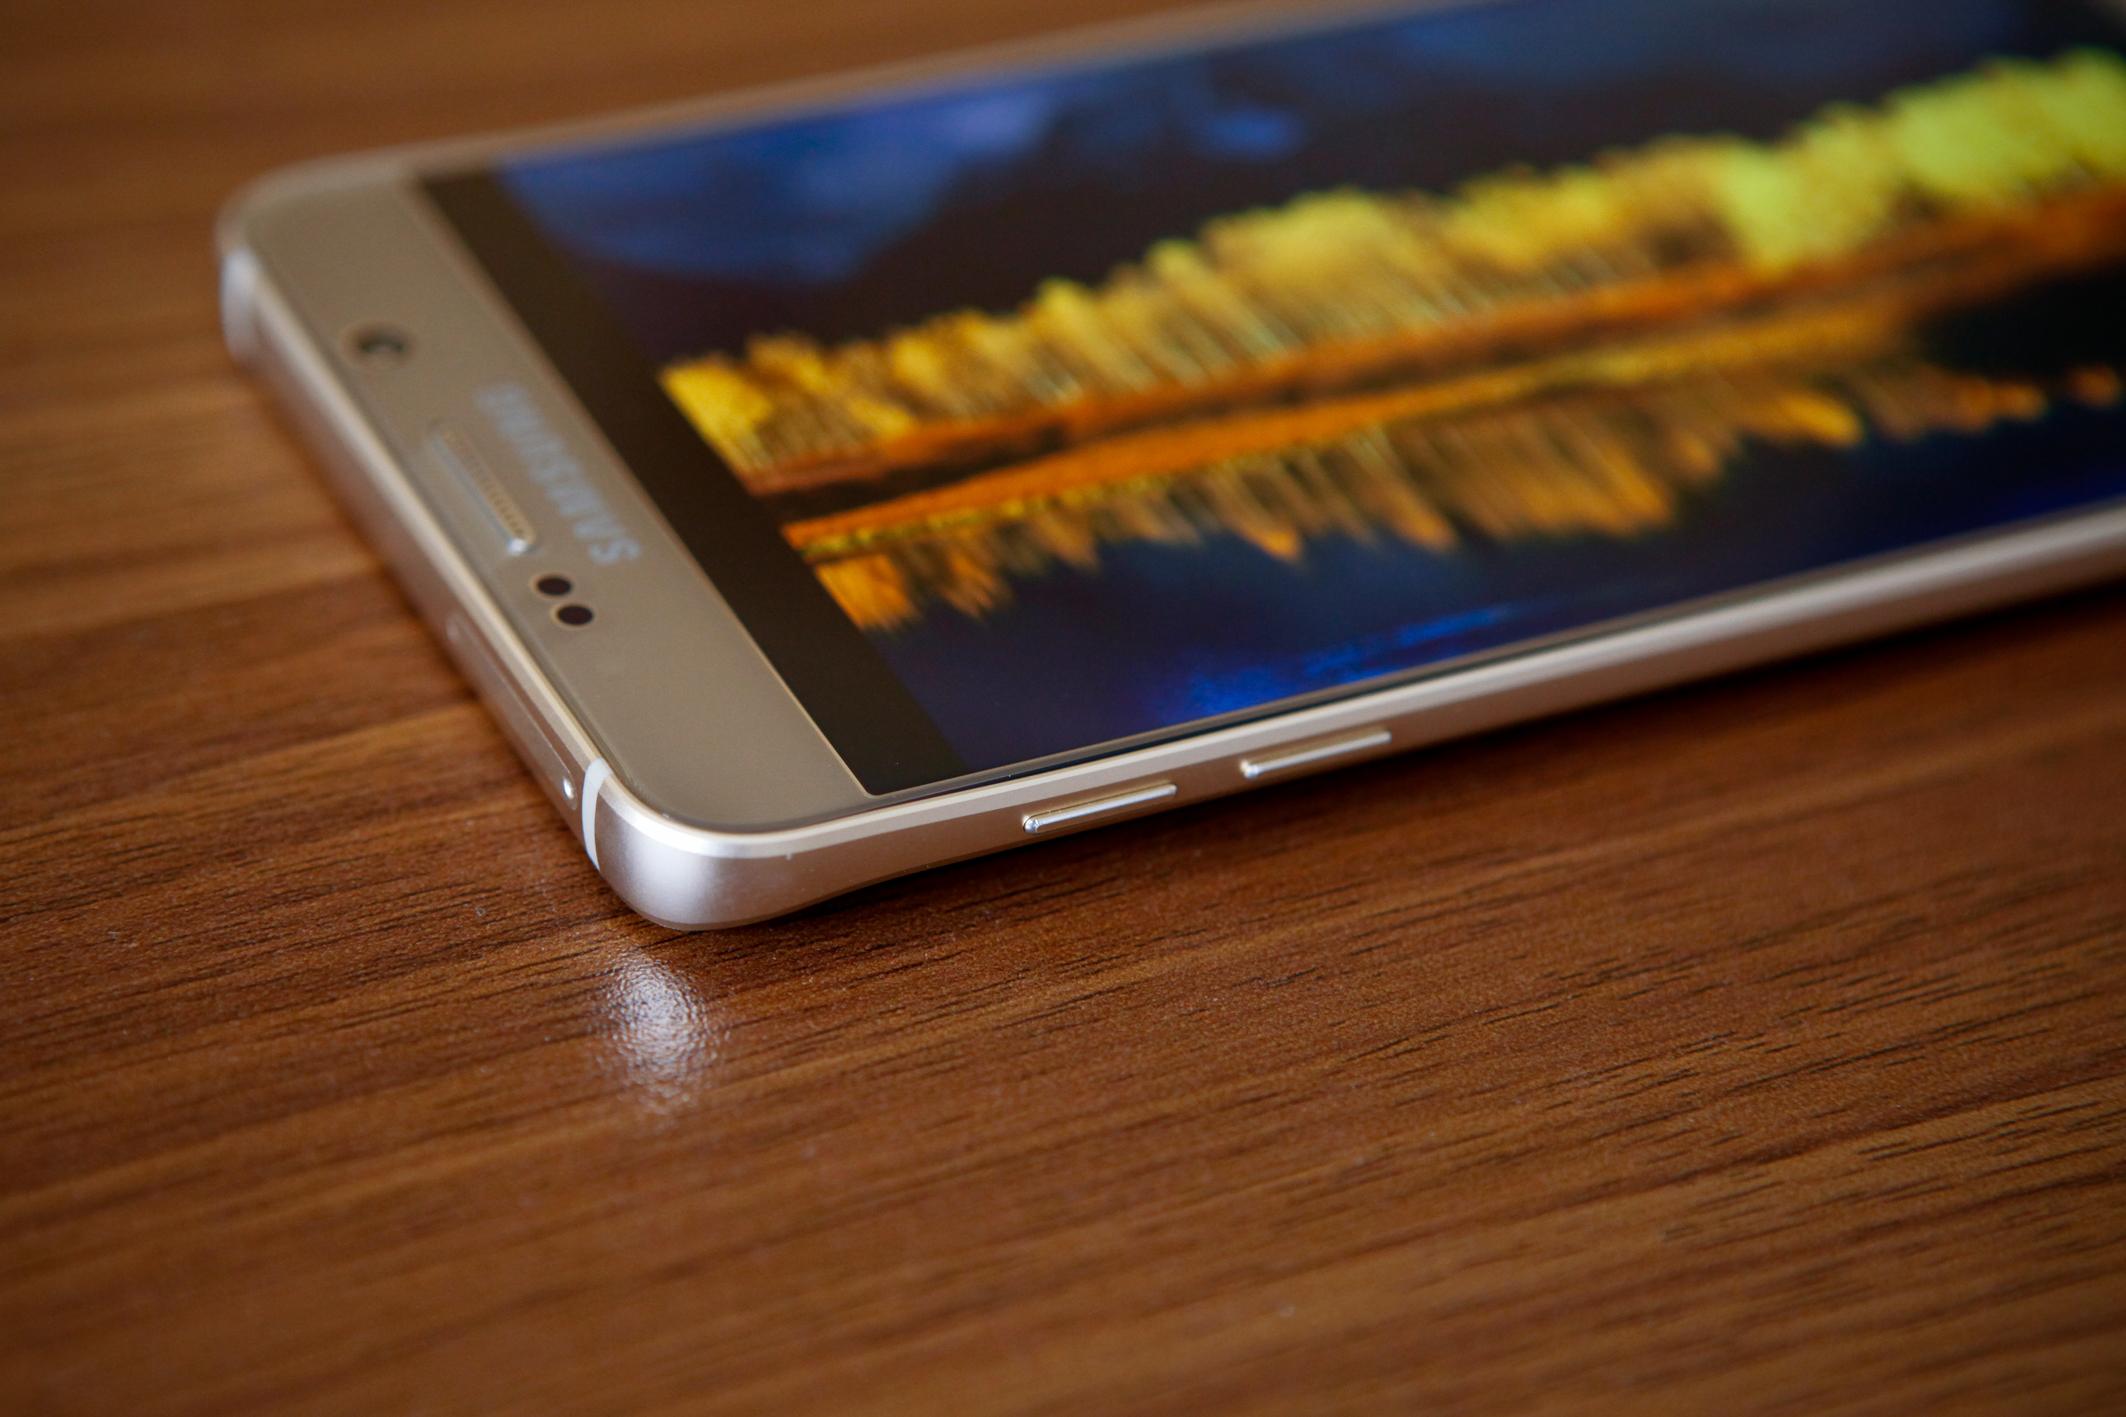 Diện mạo Galaxy S6 Edge Plus và Note 5 tinh xảo